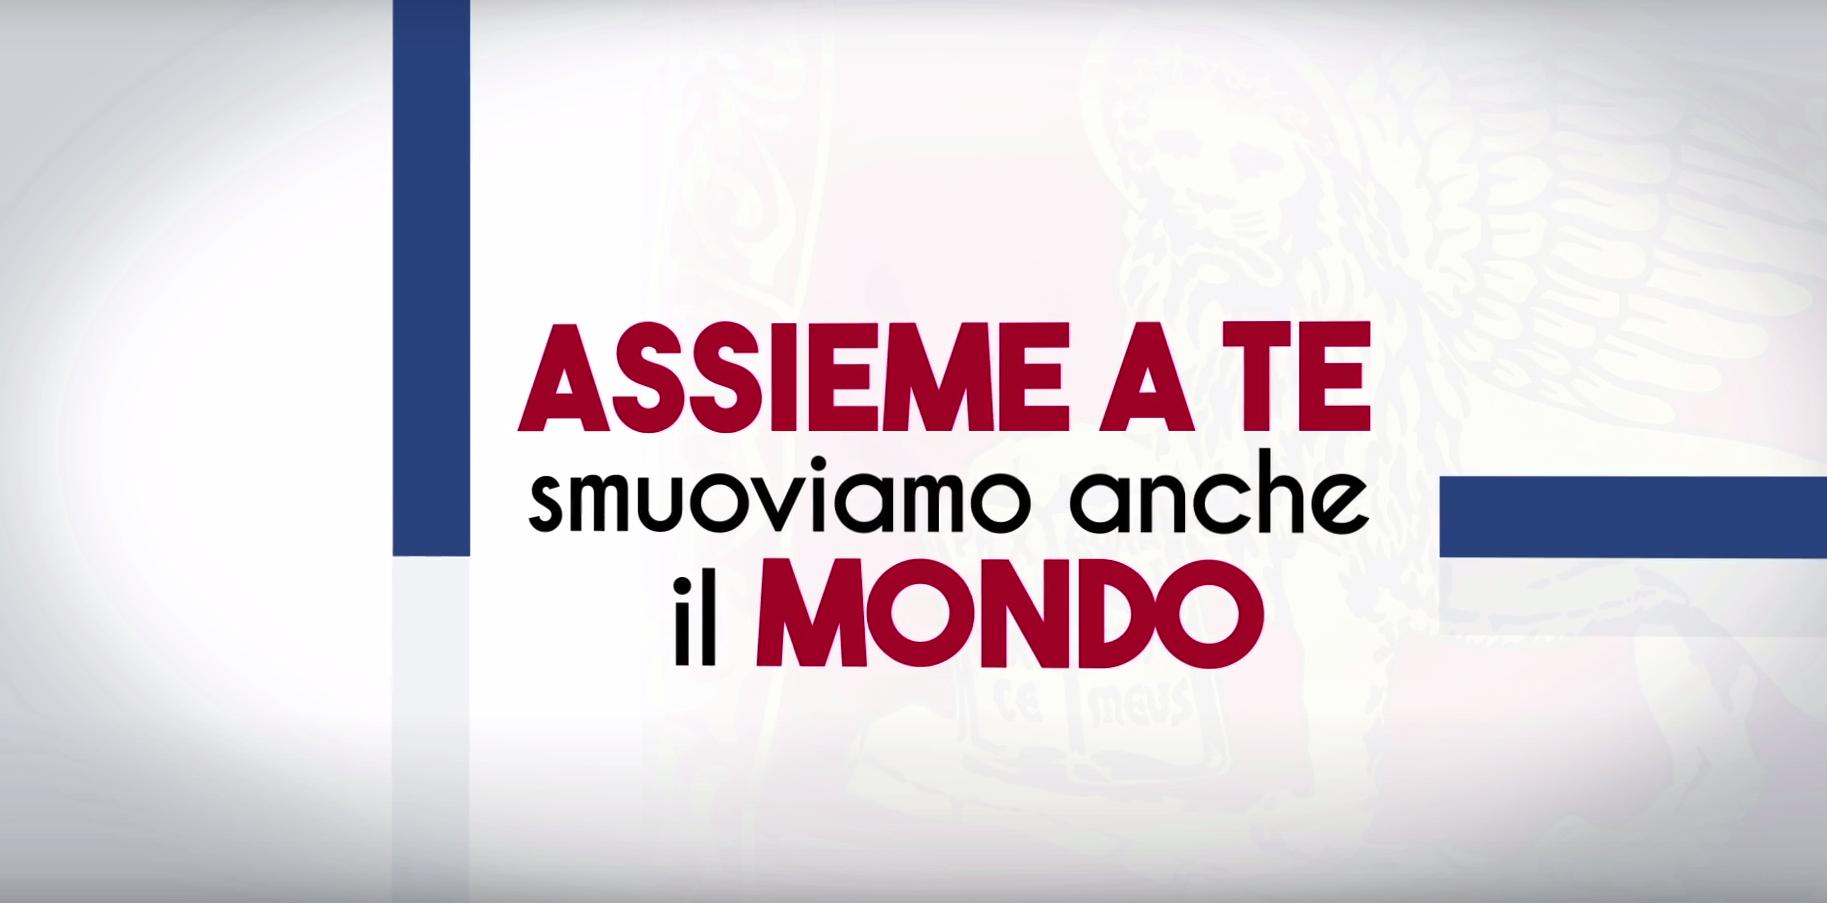 ++ Assieme a te smuoviamo anche il mondo ++ 21 FEBBRAIO ore 9.30 vieni al BHR a TREVISO https://www.facebook.com/events/186003145093320/ Per Plebiscito.eu parlano i fatti. Plebiscito.eu ha organizzato il Referendum di indipendenza del Veneto del 2014. Plebiscito.eu ha portato il Veneto nel mondo. I dati sono stati vagliati dalla prima società informatica italiana e certificati da […]